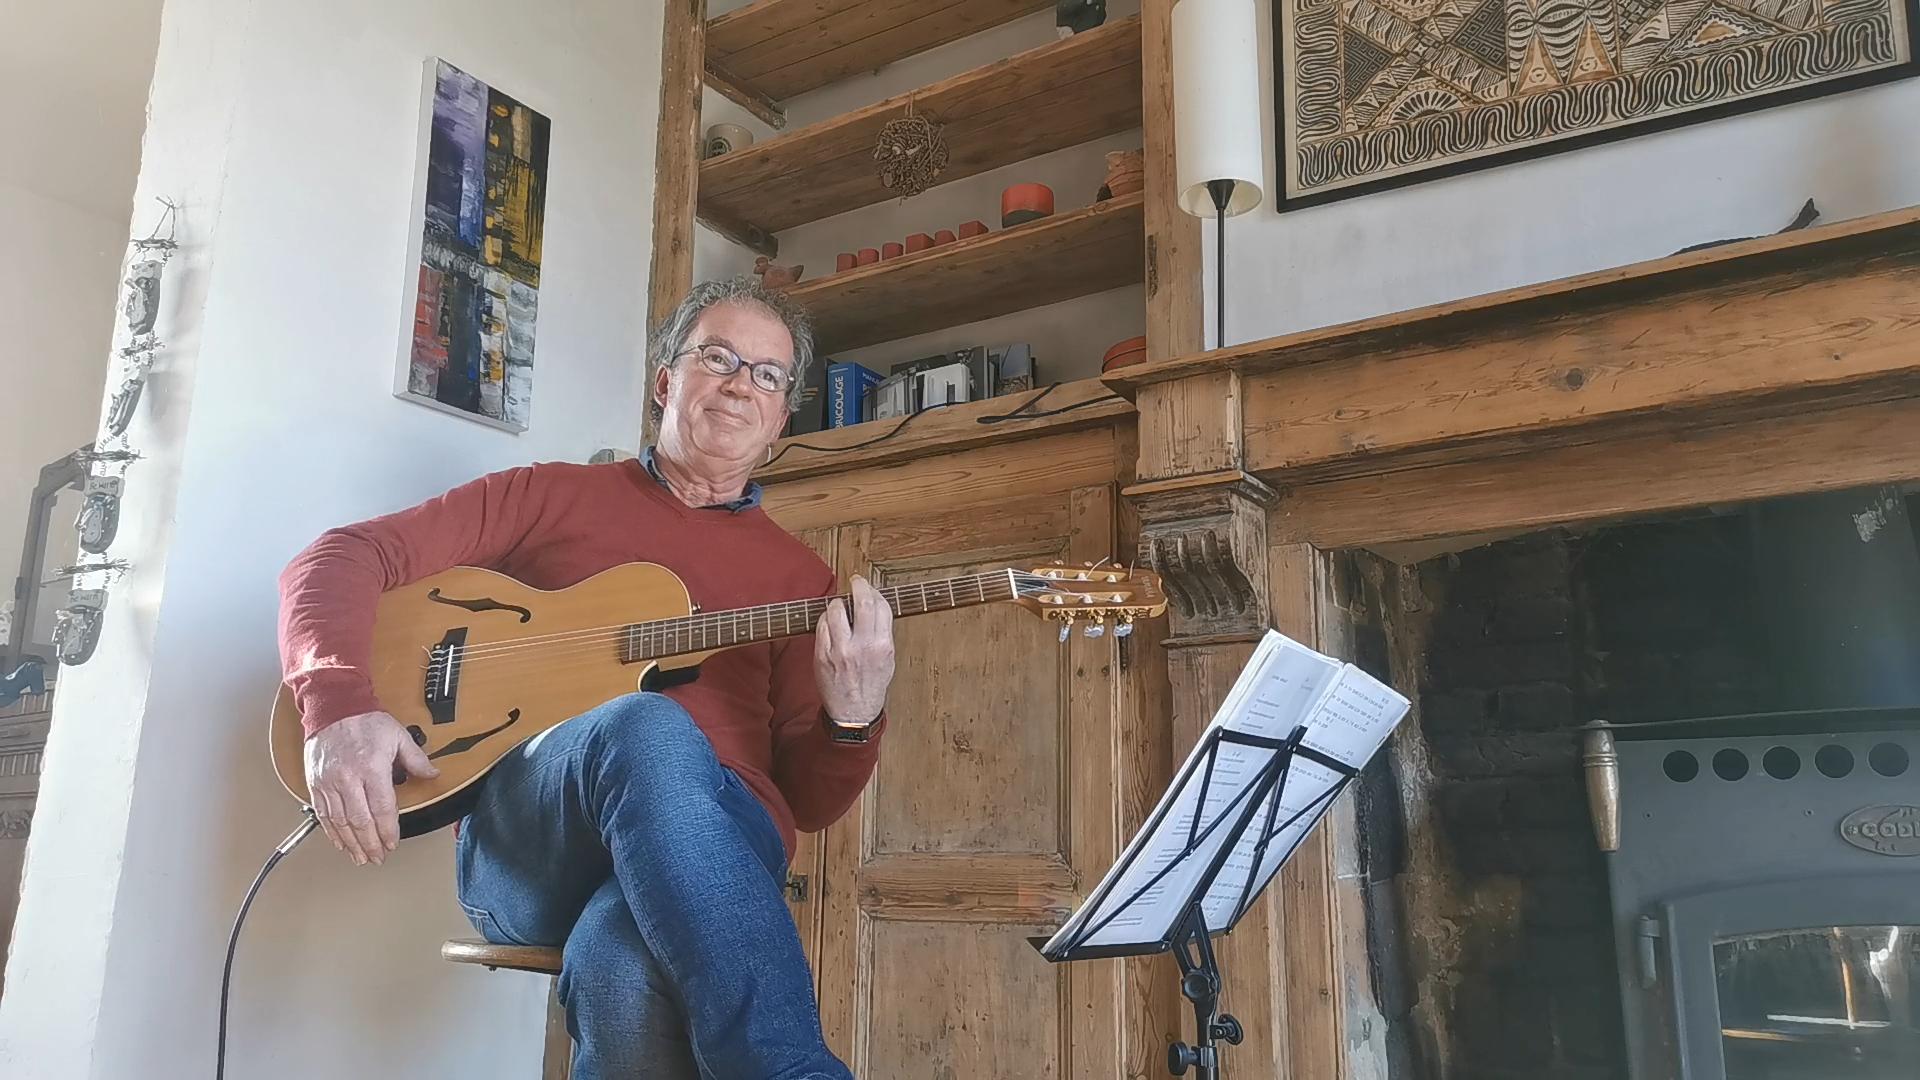 Le maire d'Herlincourt propose des concerts à domicile pour que le spectacle vivant le reste